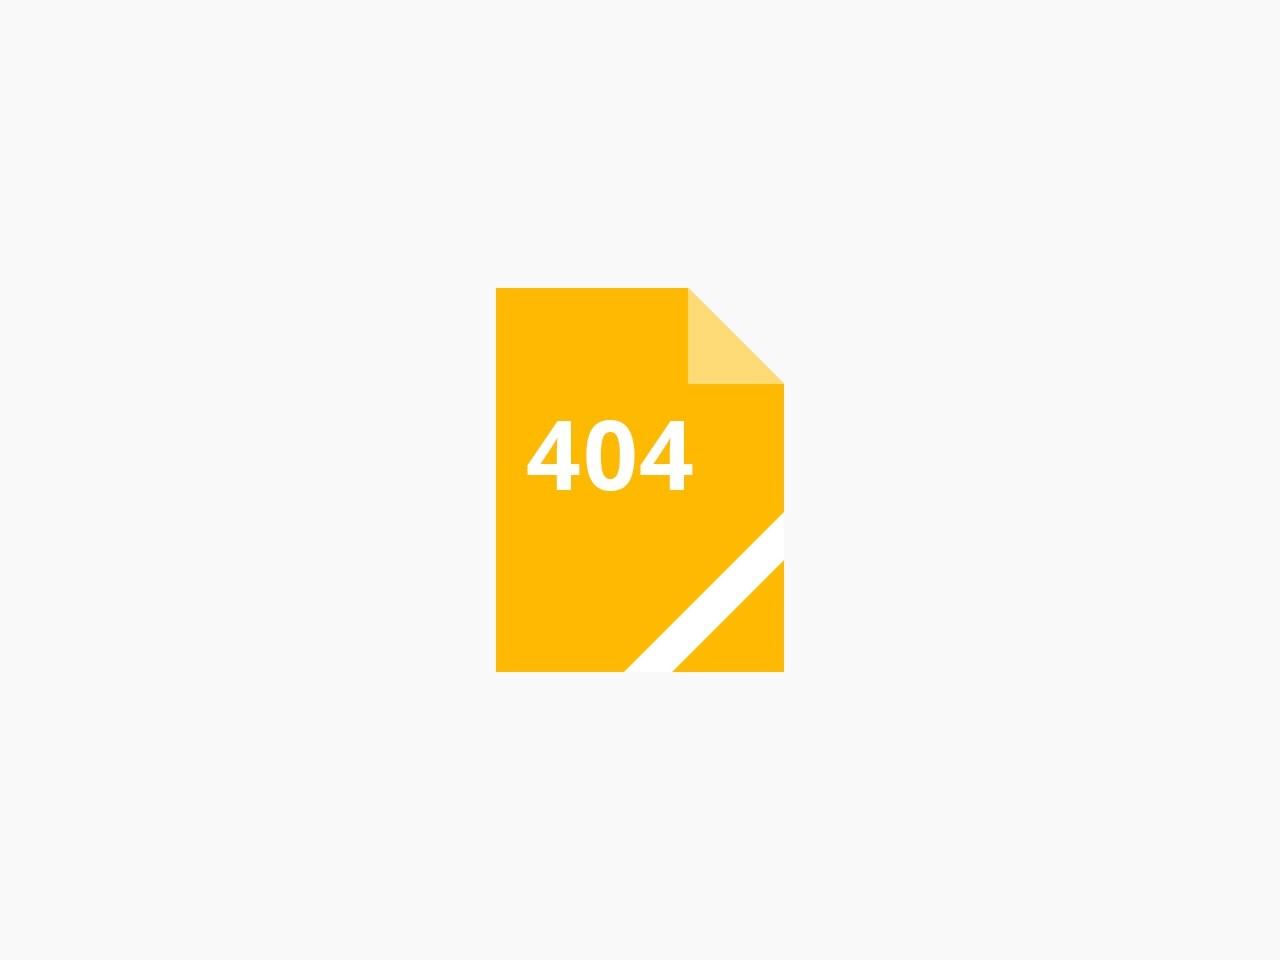 北京:前11月CPI同比上涨1.9% 房地产投资同比增长3.6%-本地新闻-北京乐居网